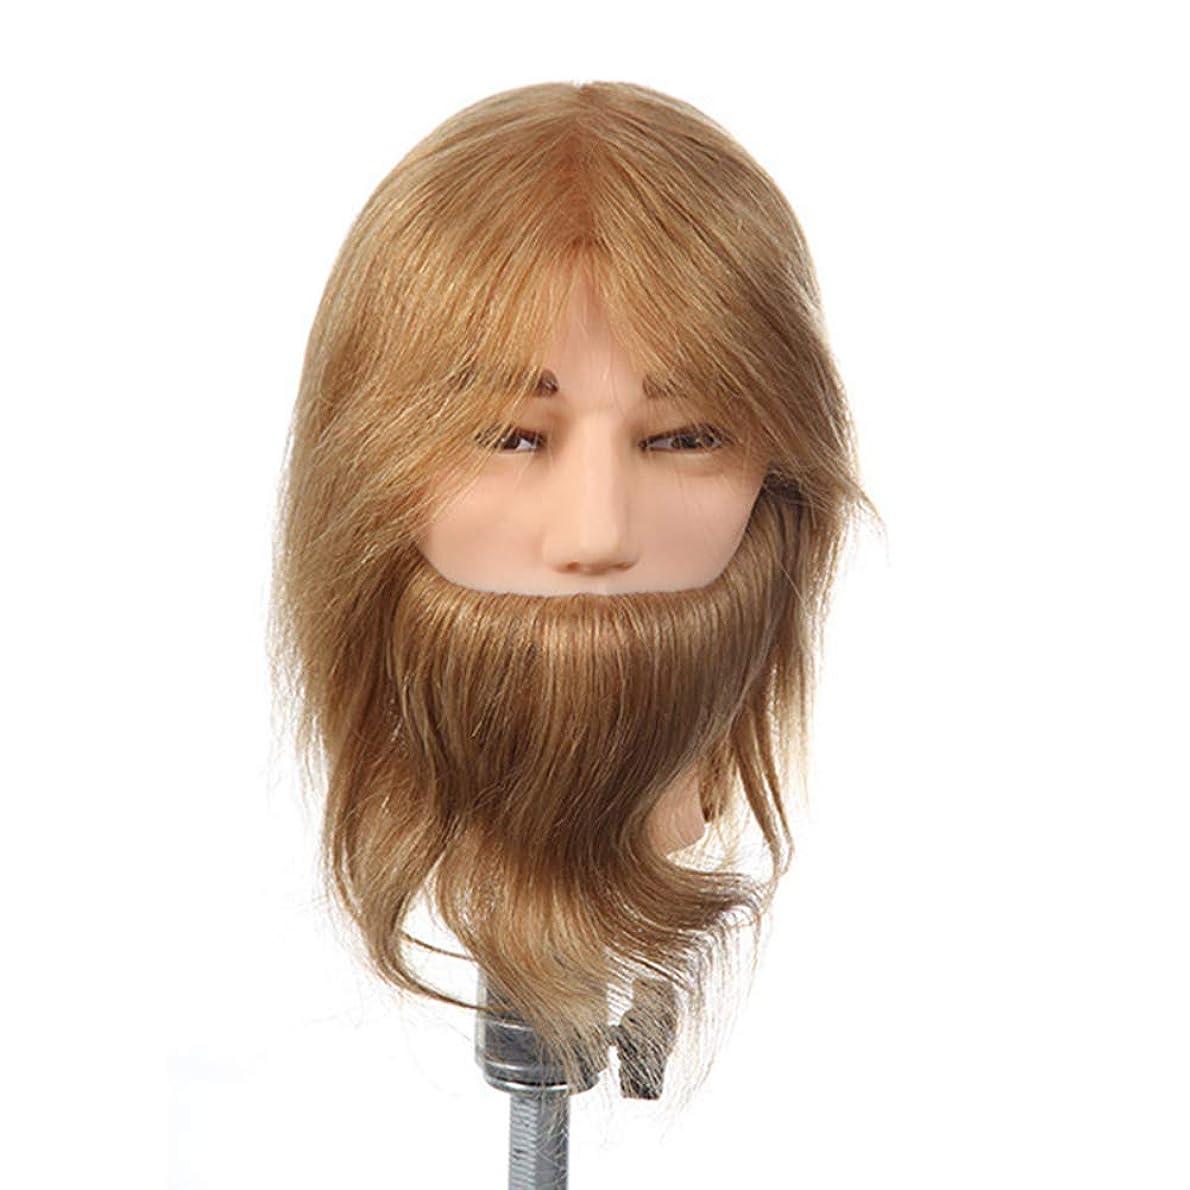 キャッチ聖なる本質的にサロン学習パーマ髪染めマネキン男スタイリングかつらティーチングヘッドリアル人間の髪ダミーヘッド付きひげロングヘアゴールド